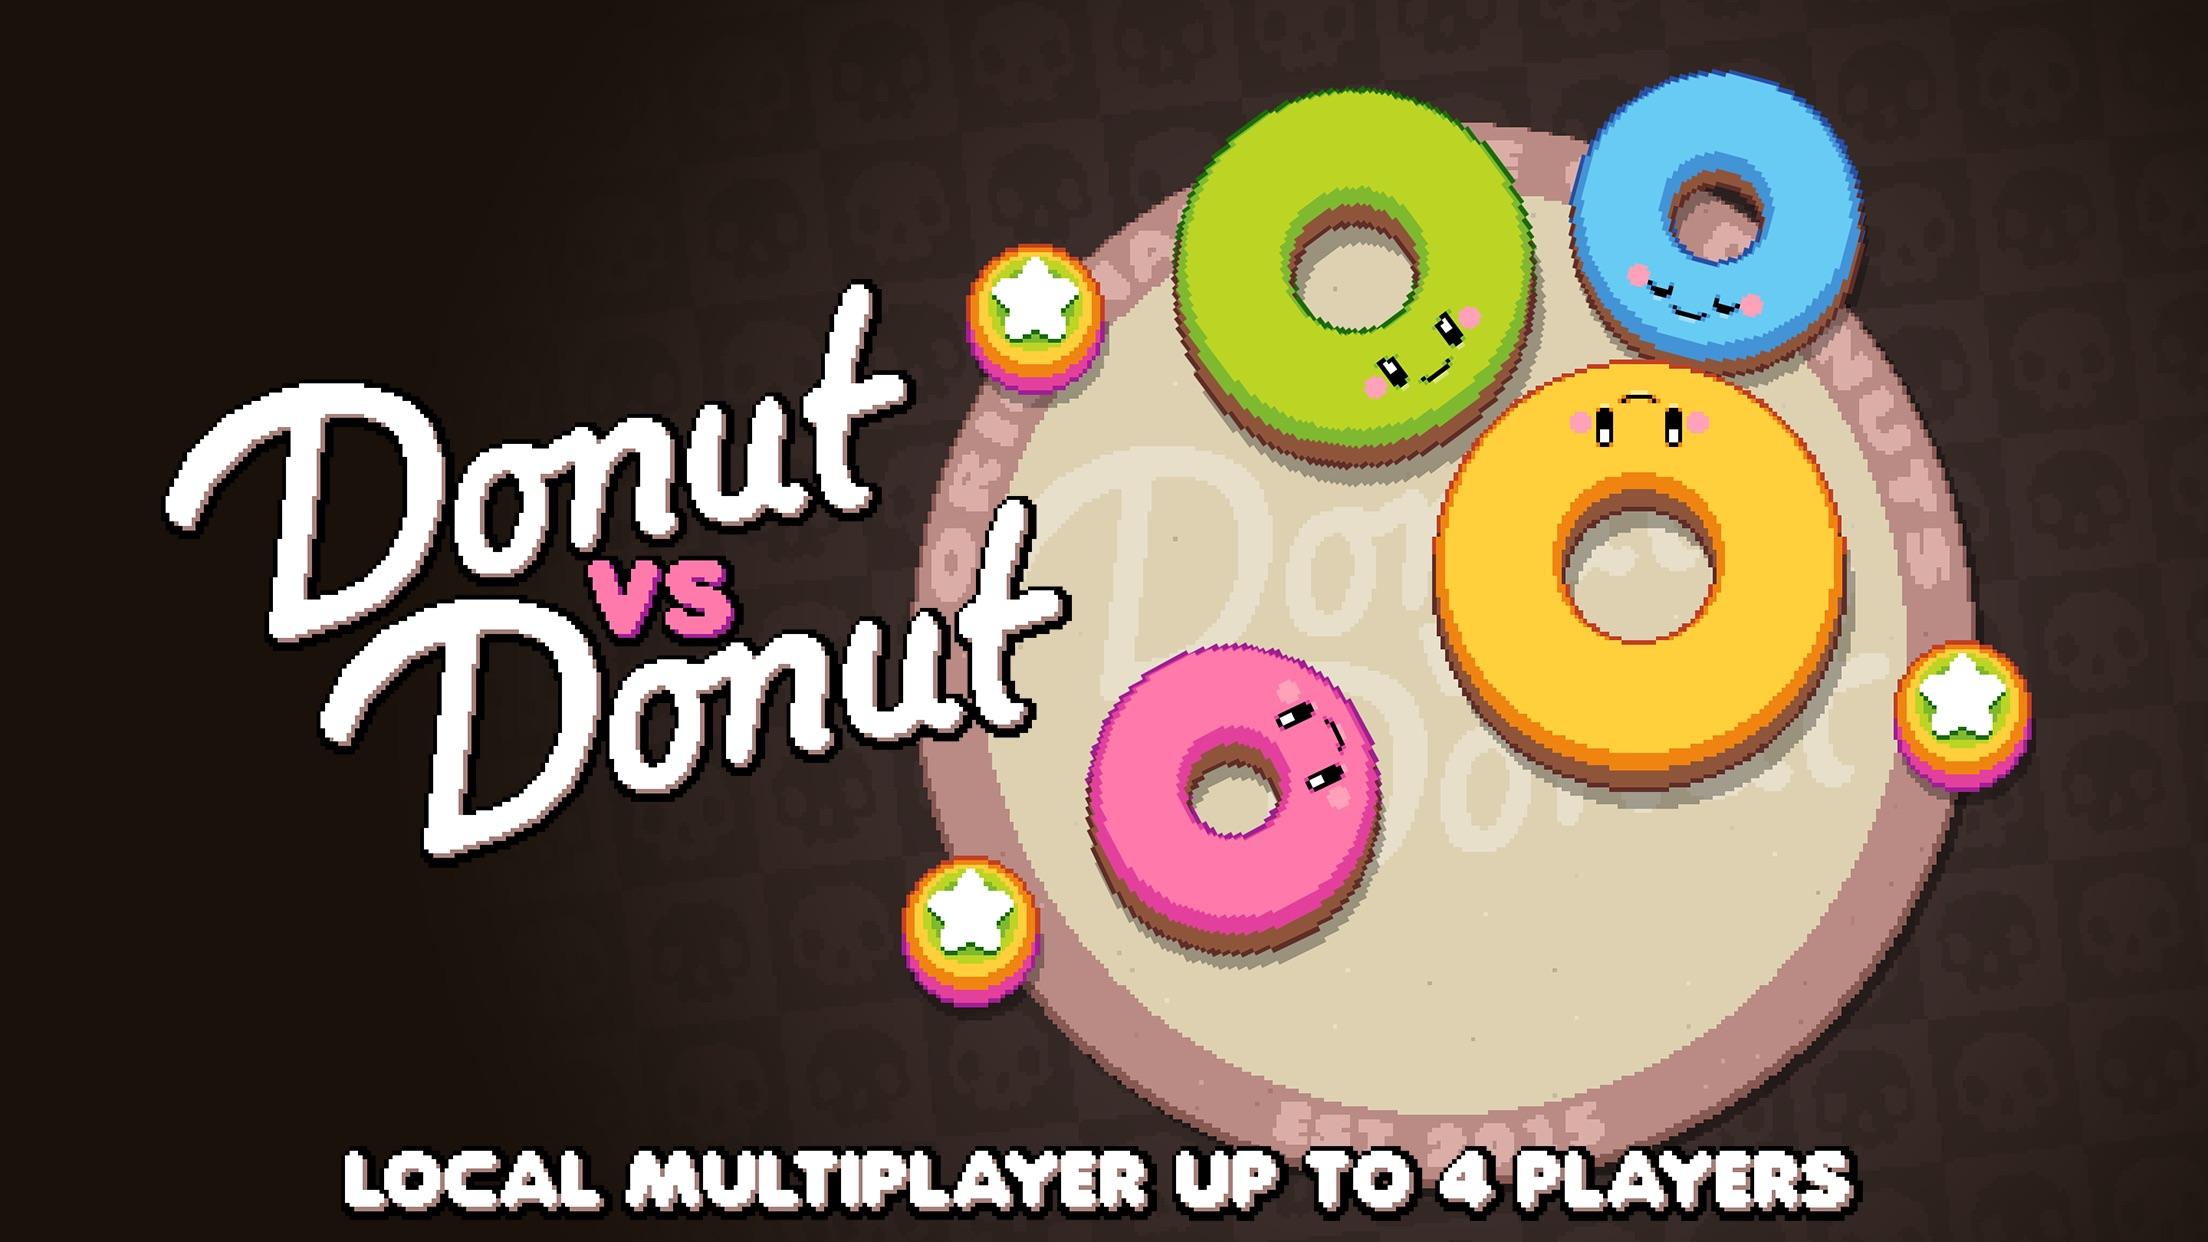 Donut vs Donut Screenshot